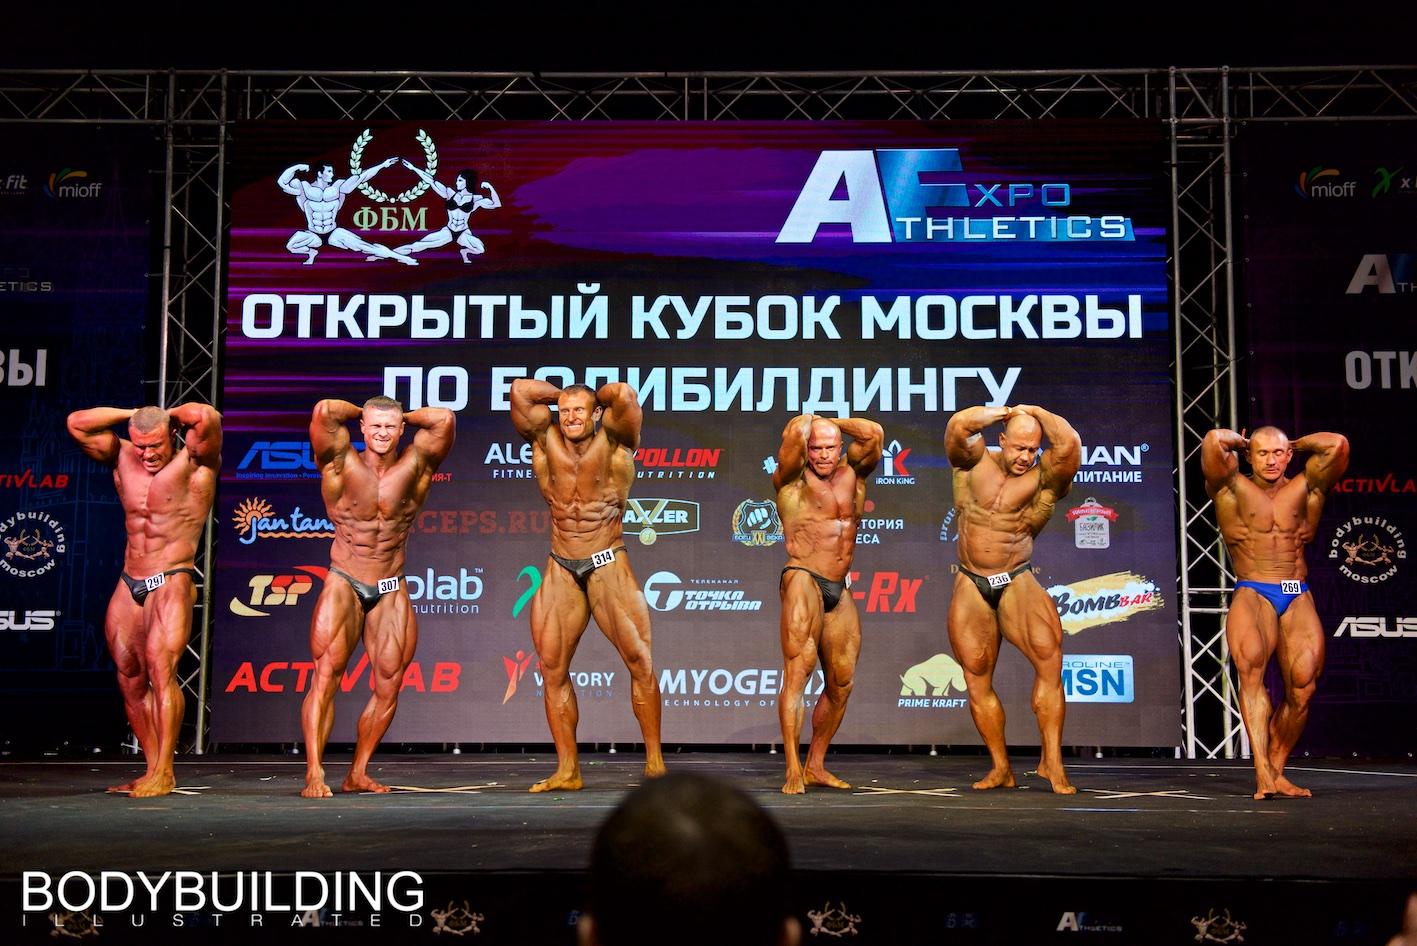 Тронов Алексей Кубок Москвы по бодибилдингу 2019 абсолютка